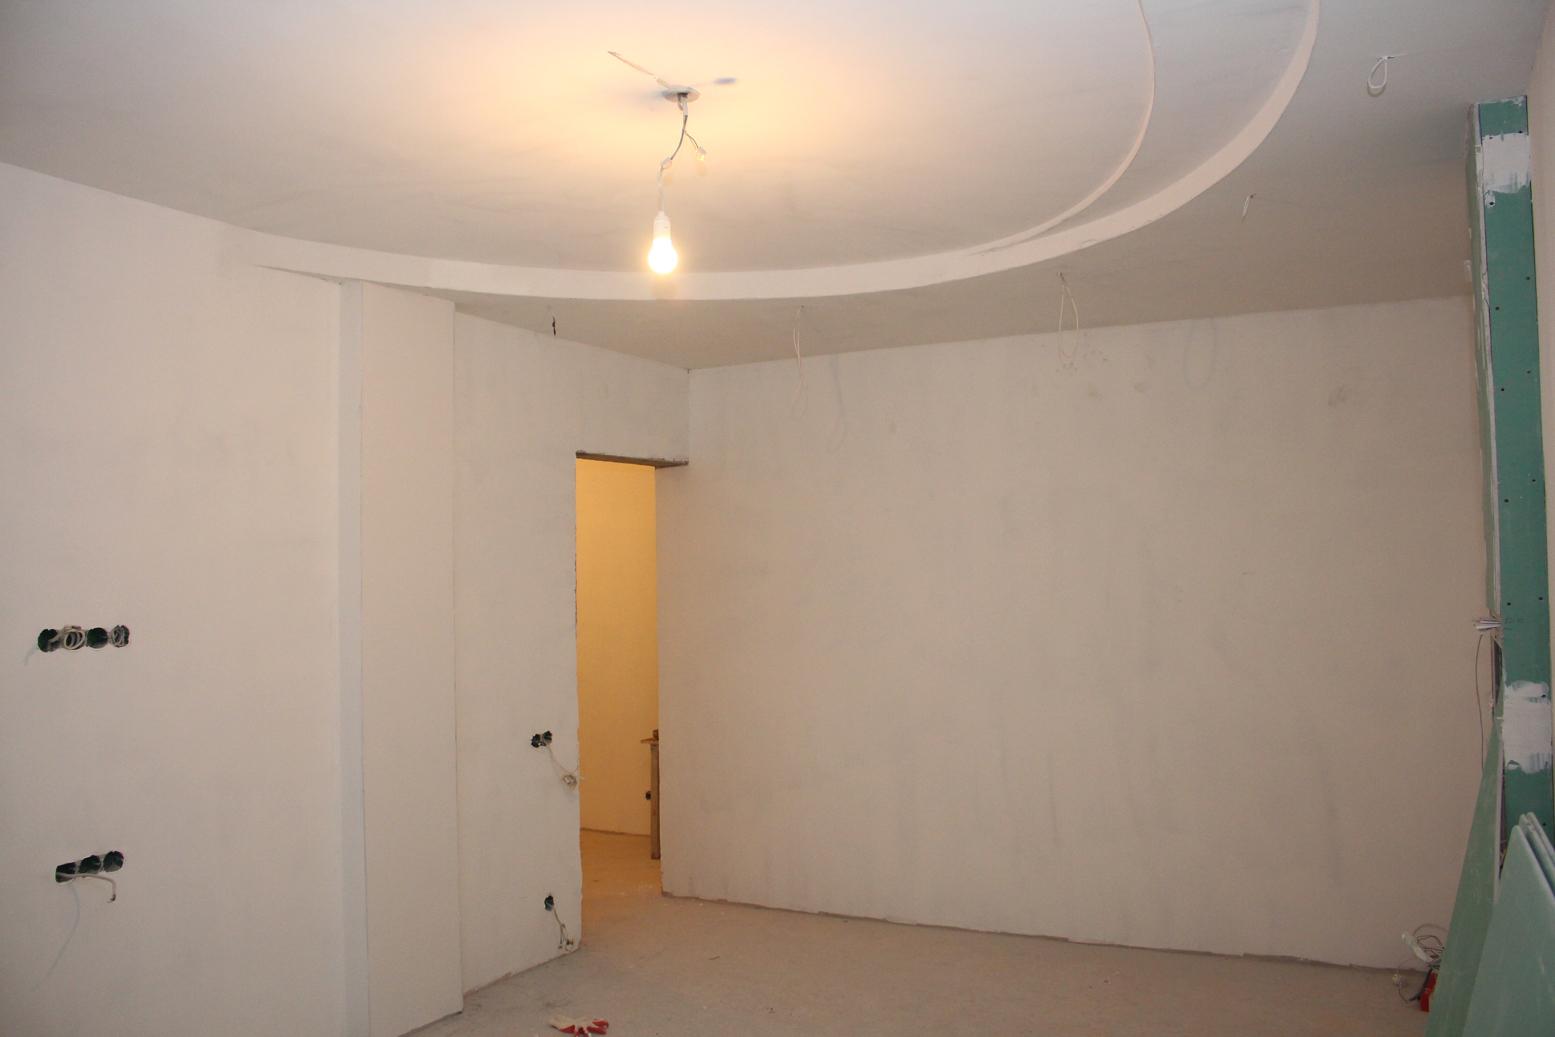 Фигурный потолок в спальне зашпаклеван